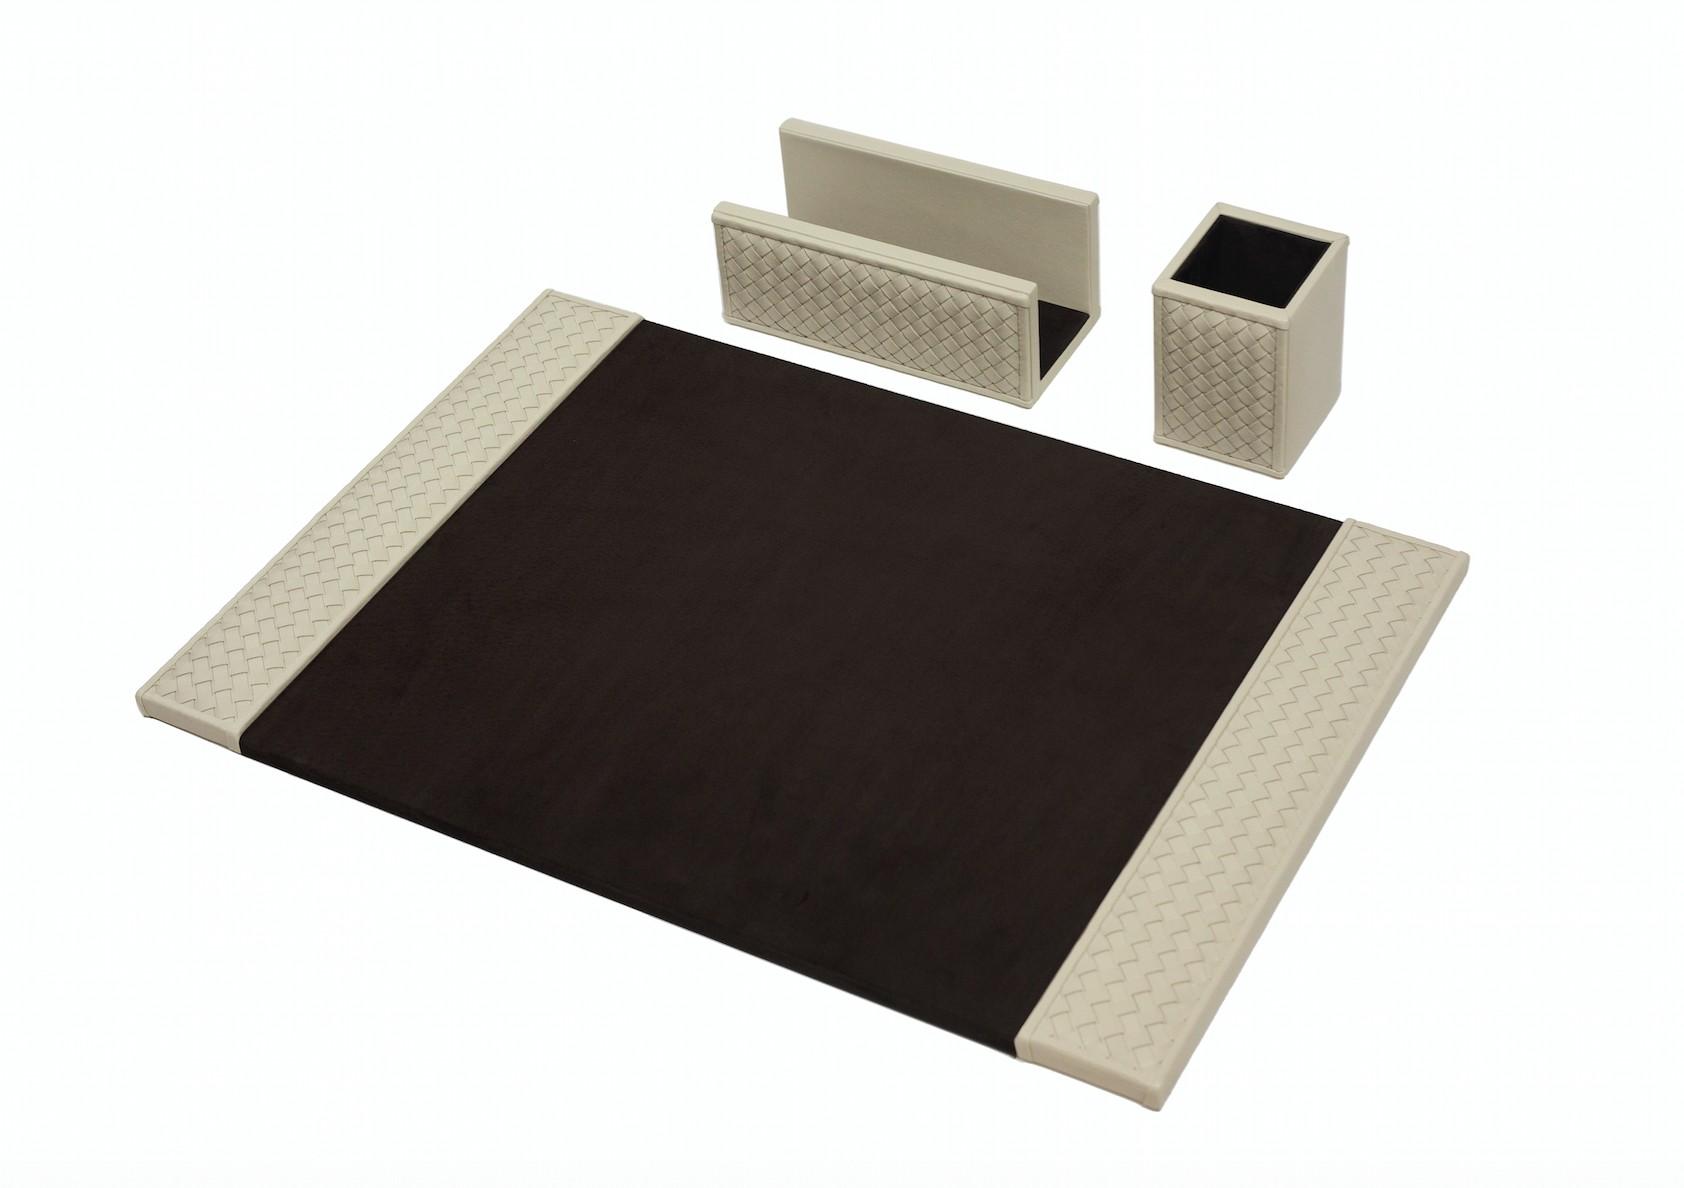 Portofino desk pad white